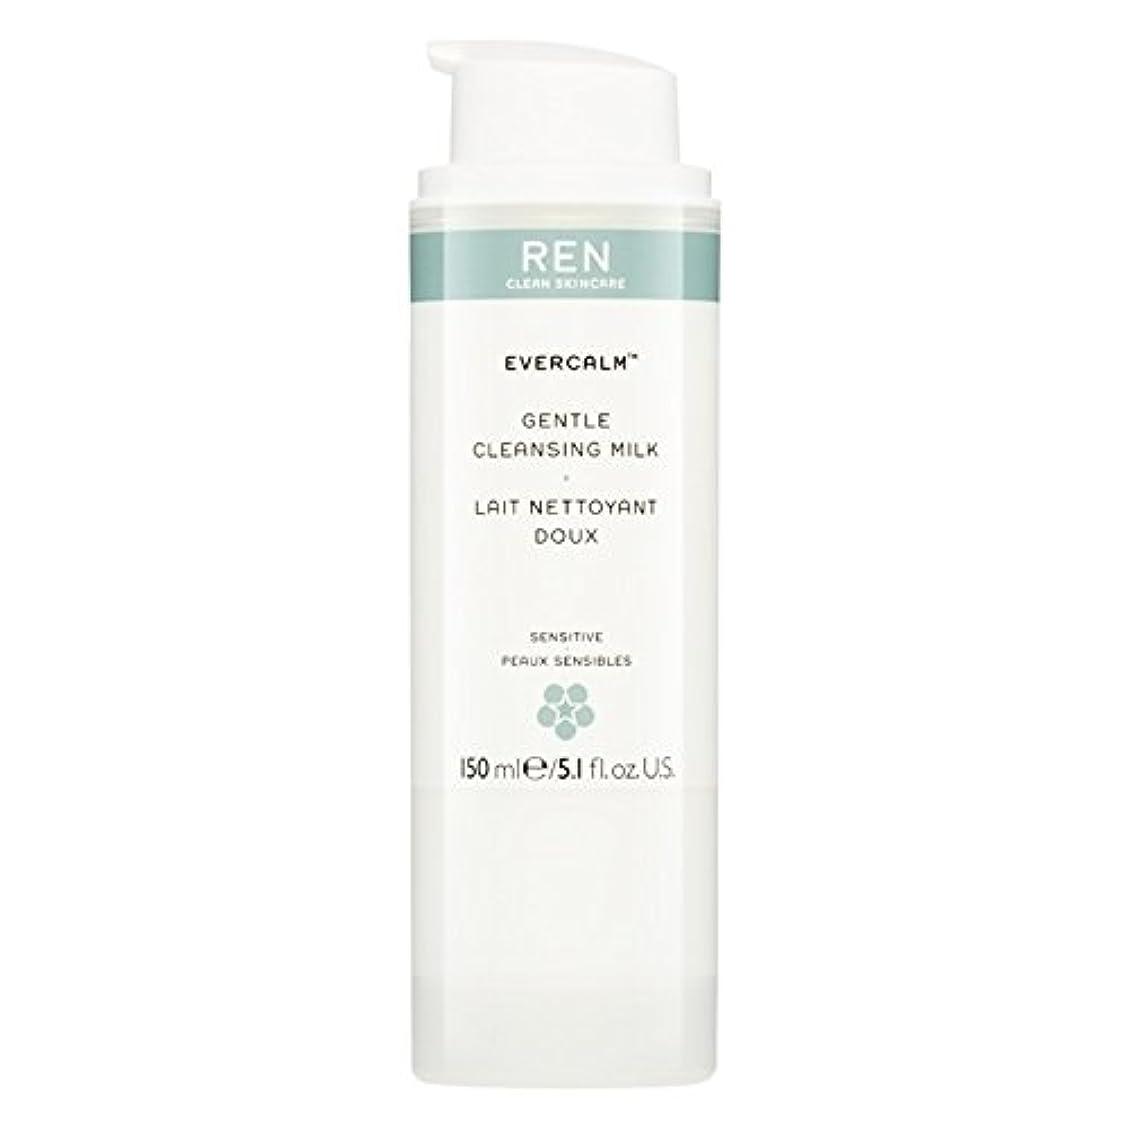 奇跡シュリンク無知Ren Evercalm優しいクレンジングミルク、150ミリリットル (REN) (x6) - REN Evercalm Gentle Cleansing Milk, 150ml (Pack of 6) [並行輸入品]